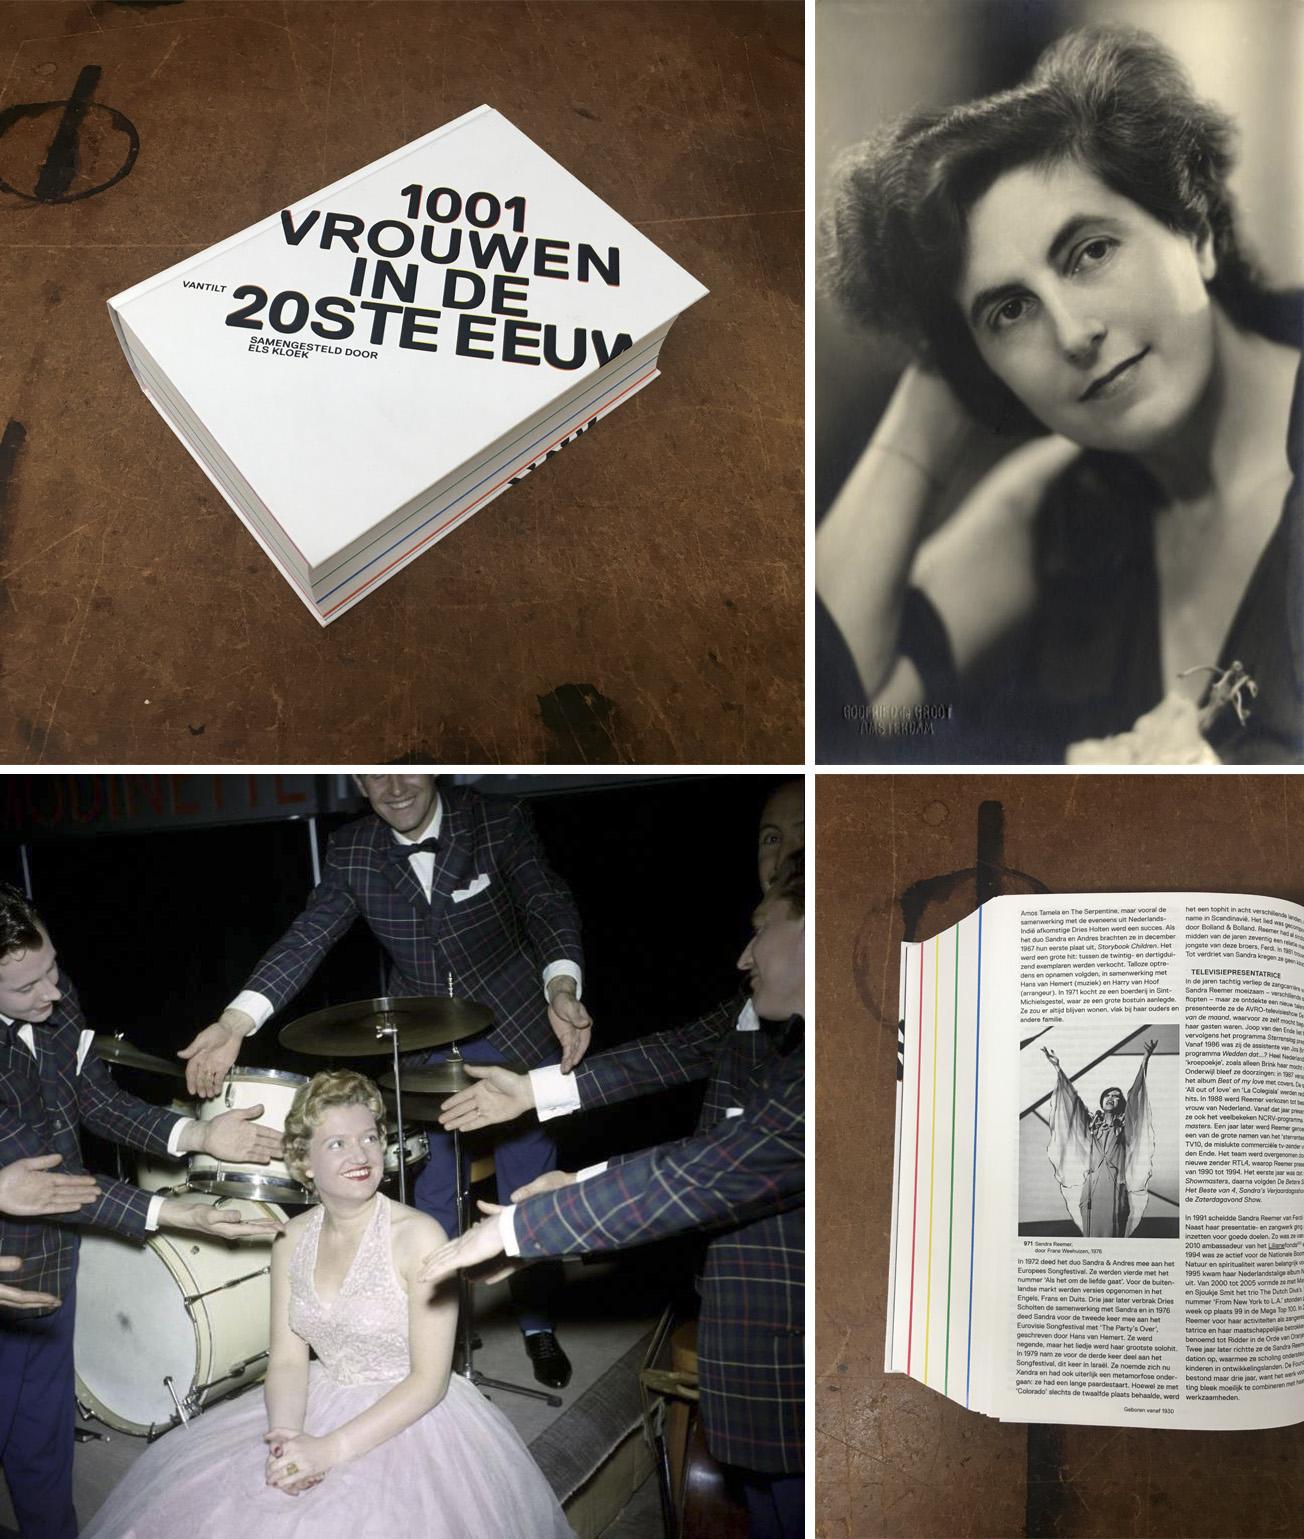 1001 vrouwen in de 20ste eeuw , samengesteld door Els Kloek en vormgegeven door Irma Boom.   1001 vrouwen in de 20ste eeuw , by Els Kloek. Design by Irma Boom.